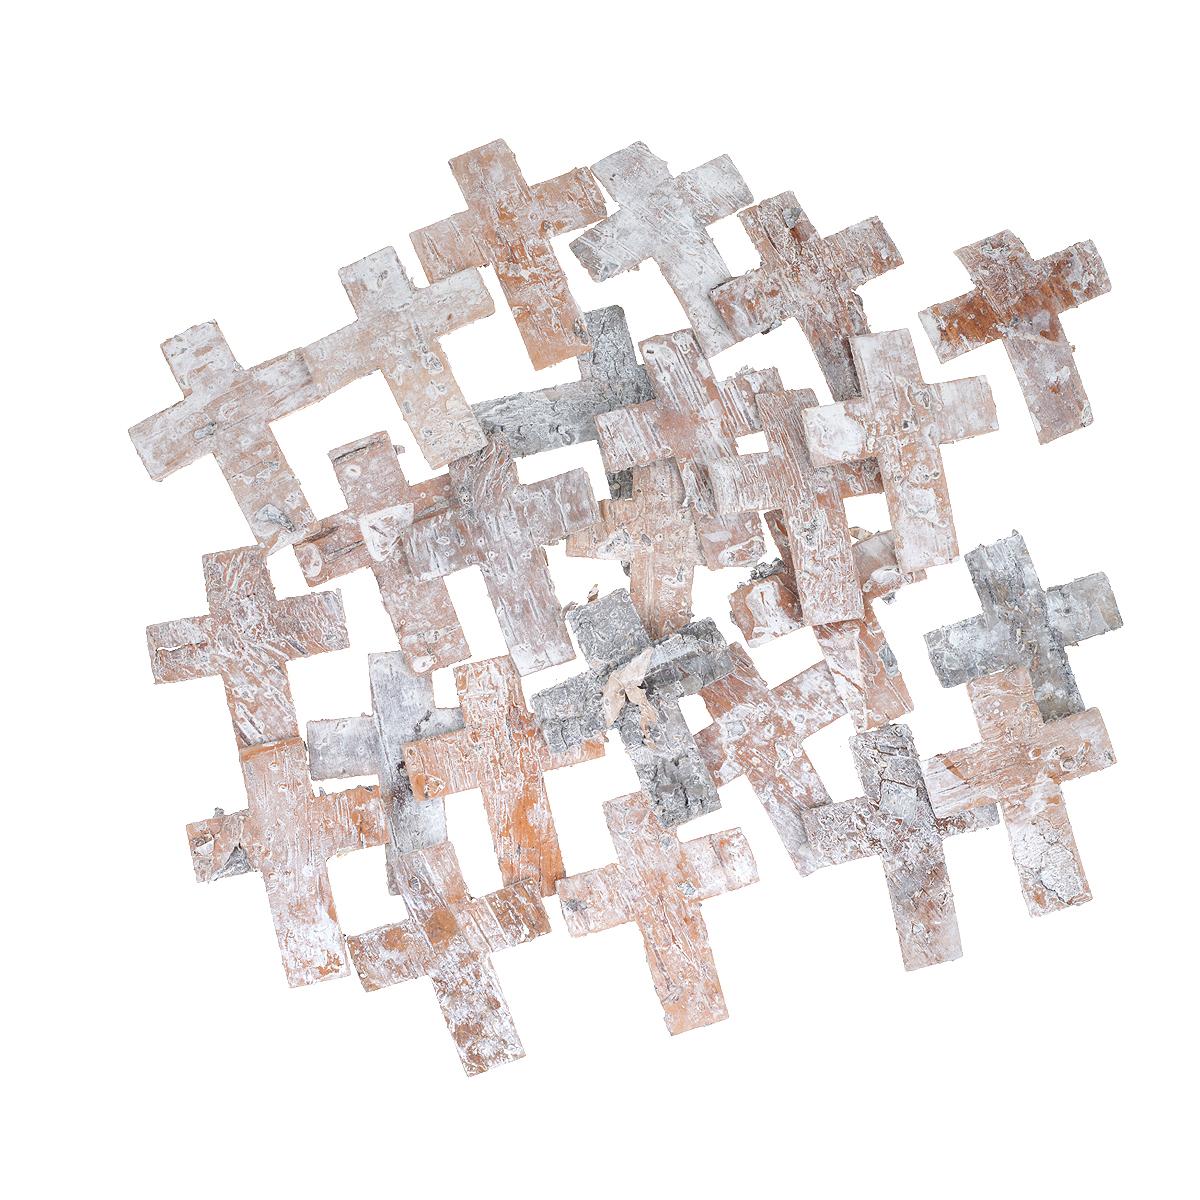 Декоративный элемент Dongjiang Art Крест, цвет: белый, 25 шт1052011Декоративный элемент Dongjiang Art Крест, изготовленный из натуральной коры дерева, предназначен для украшения цветочных композиций. Изделие можно также использовать в технике скрапбукинг и многом другом. Флористика - вид декоративно-прикладного искусства, который использует живые, засушенные или консервированные природные материалы для создания флористических работ. Это целый мир, в котором есть место и строгому математическому расчету, и вдохновению.